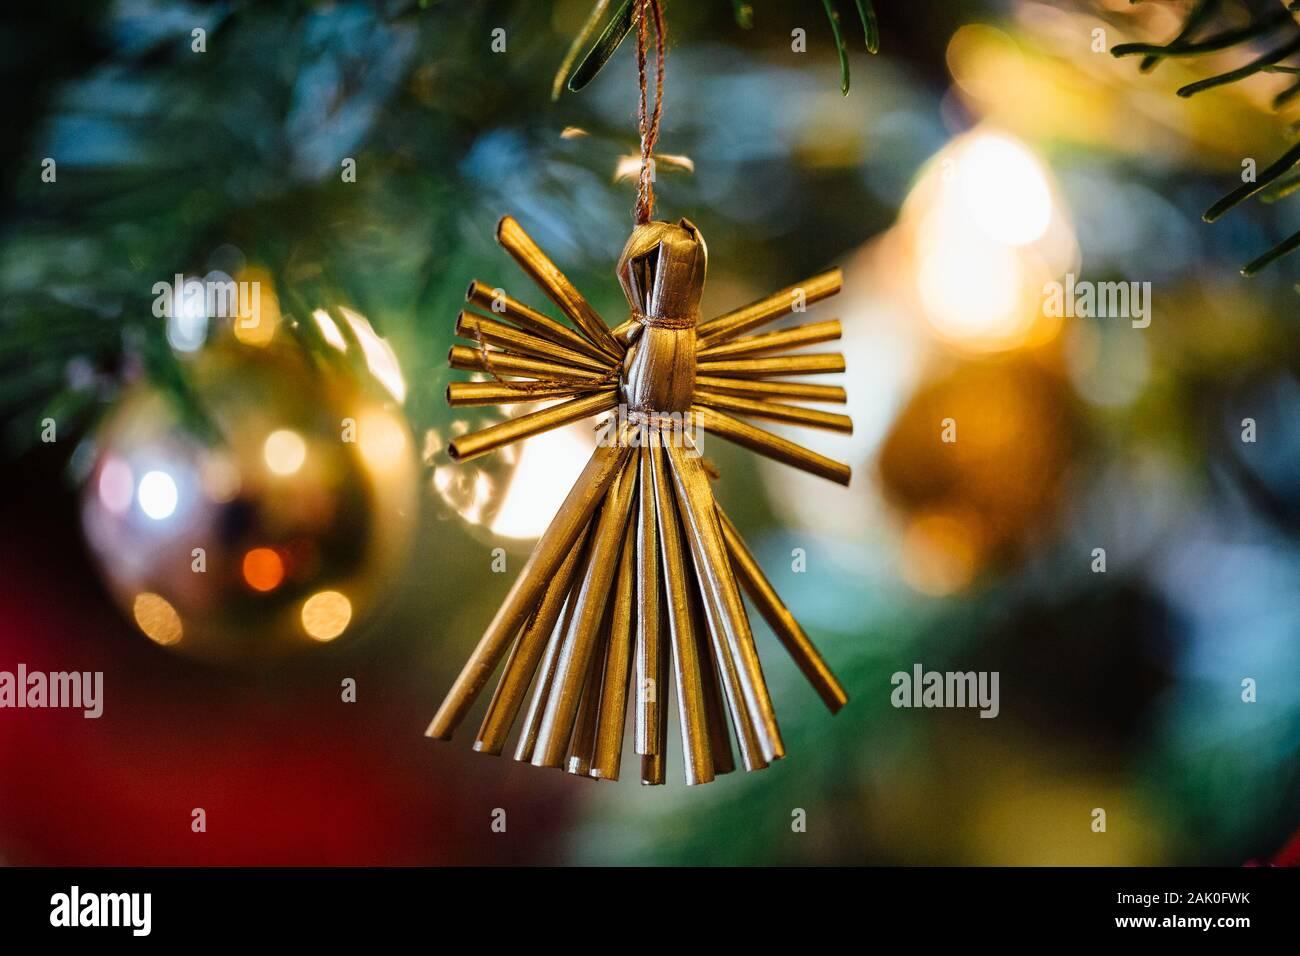 Ángel de paja contra fuera de foco iluminado árbol de navidad. Foto de stock